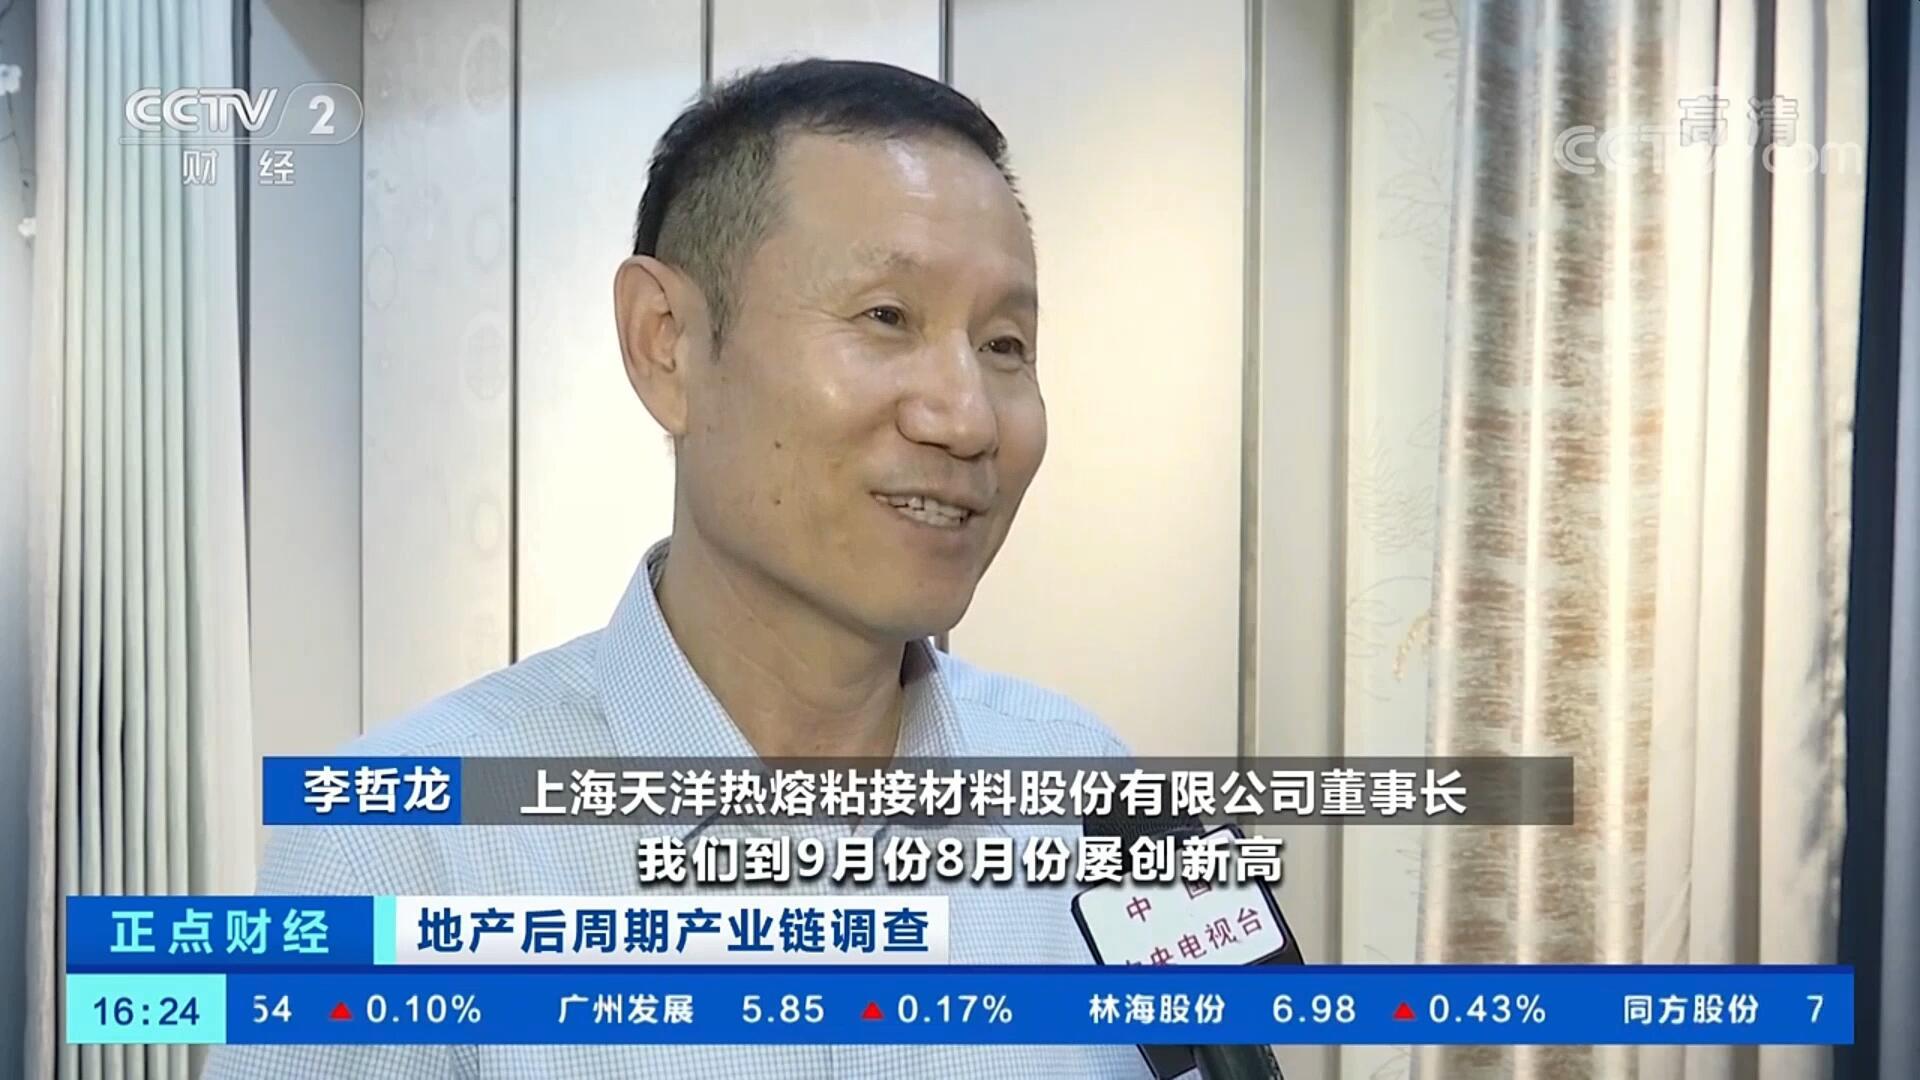 上海天洋墙布董事长李哲龙先生接受央视采访